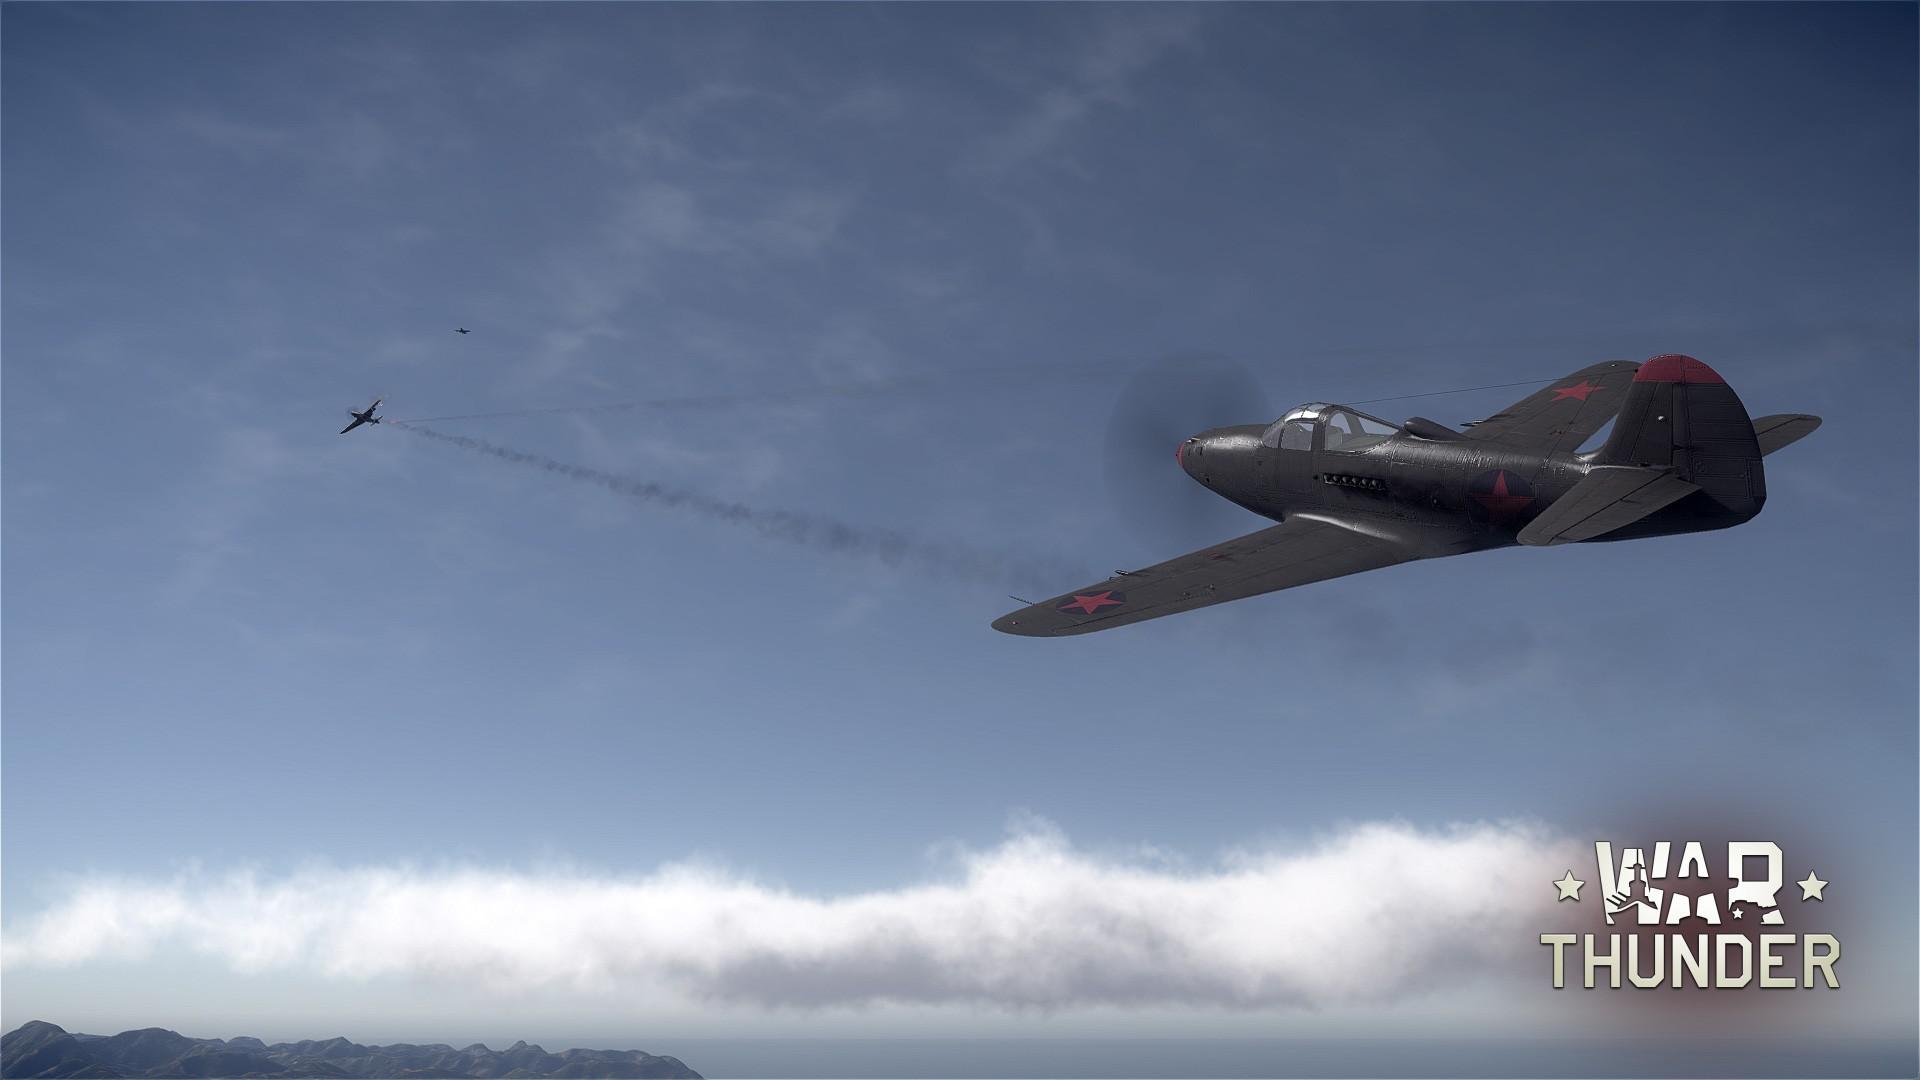 Aircraft World War II War Thunder ruhr wallpaper     65441    WallpaperUP